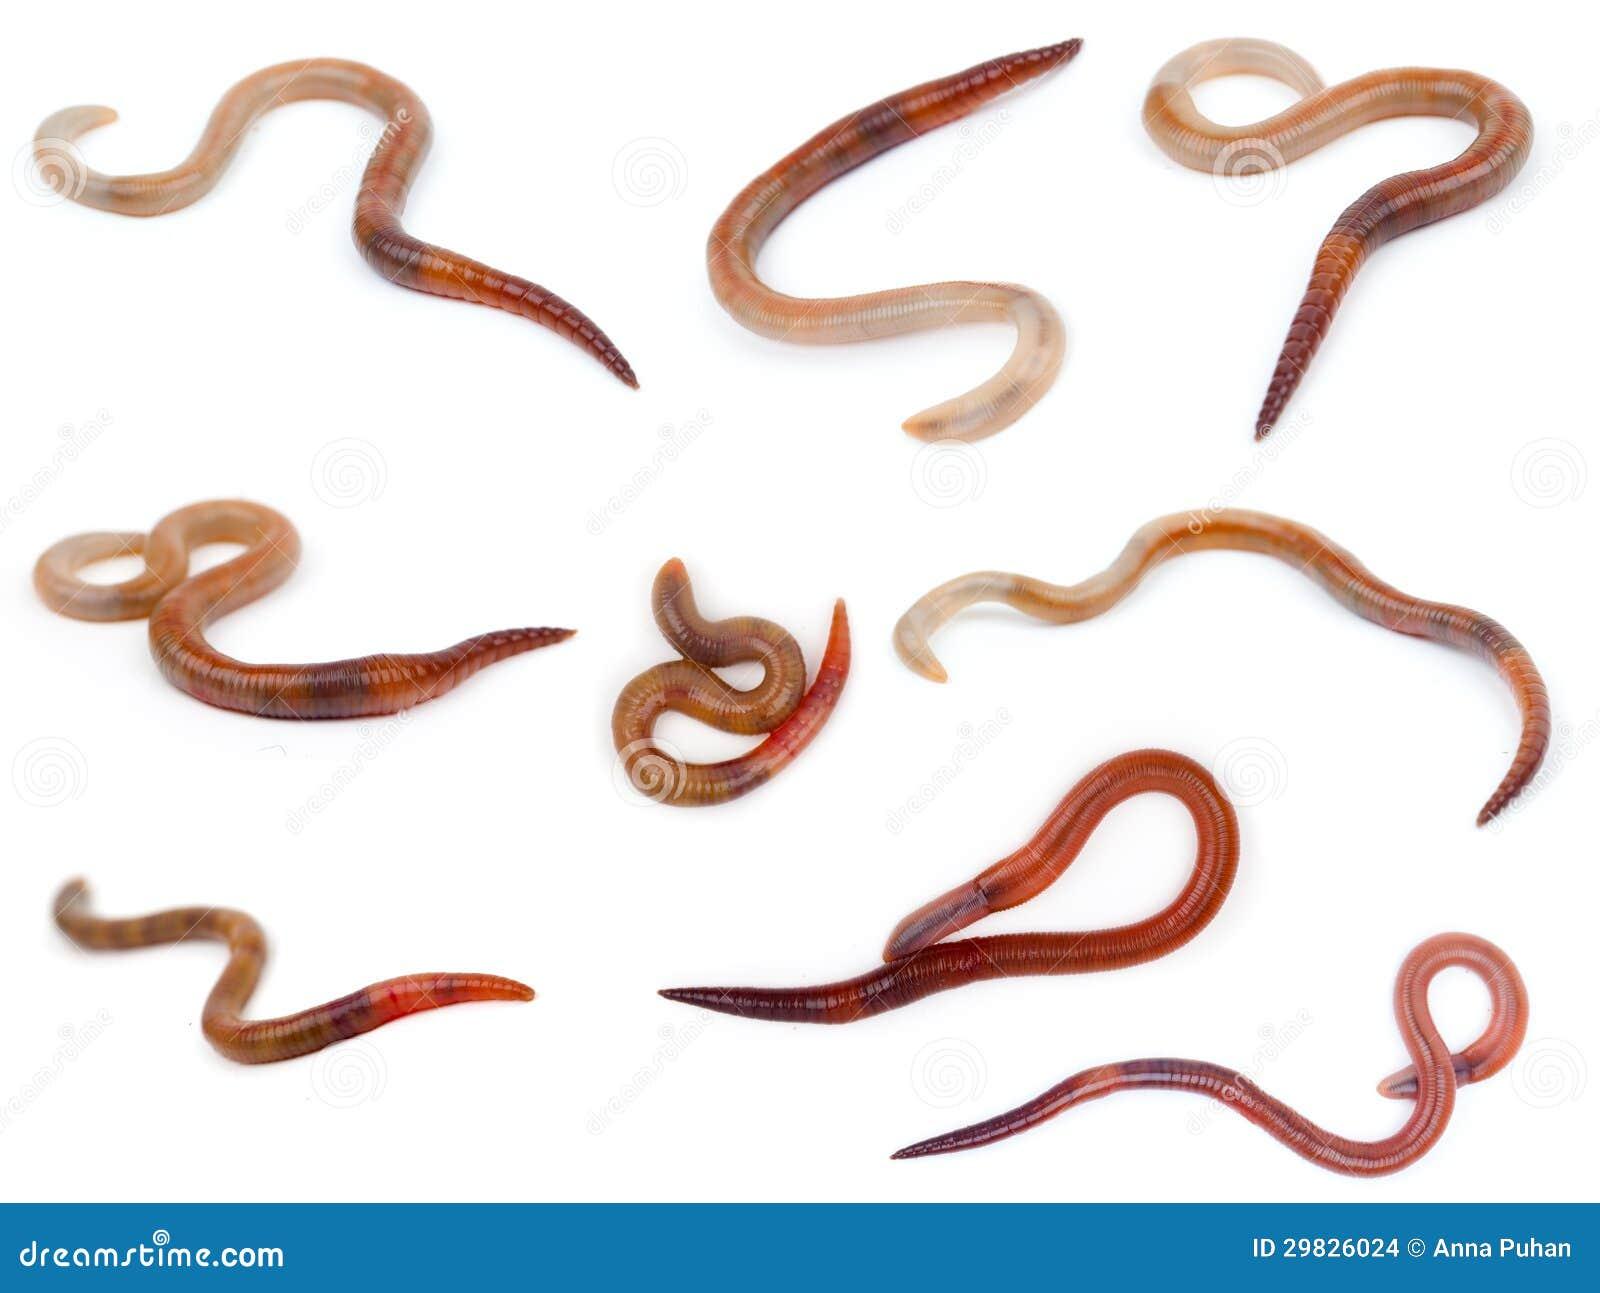 animal earthworm stock images image 29826024